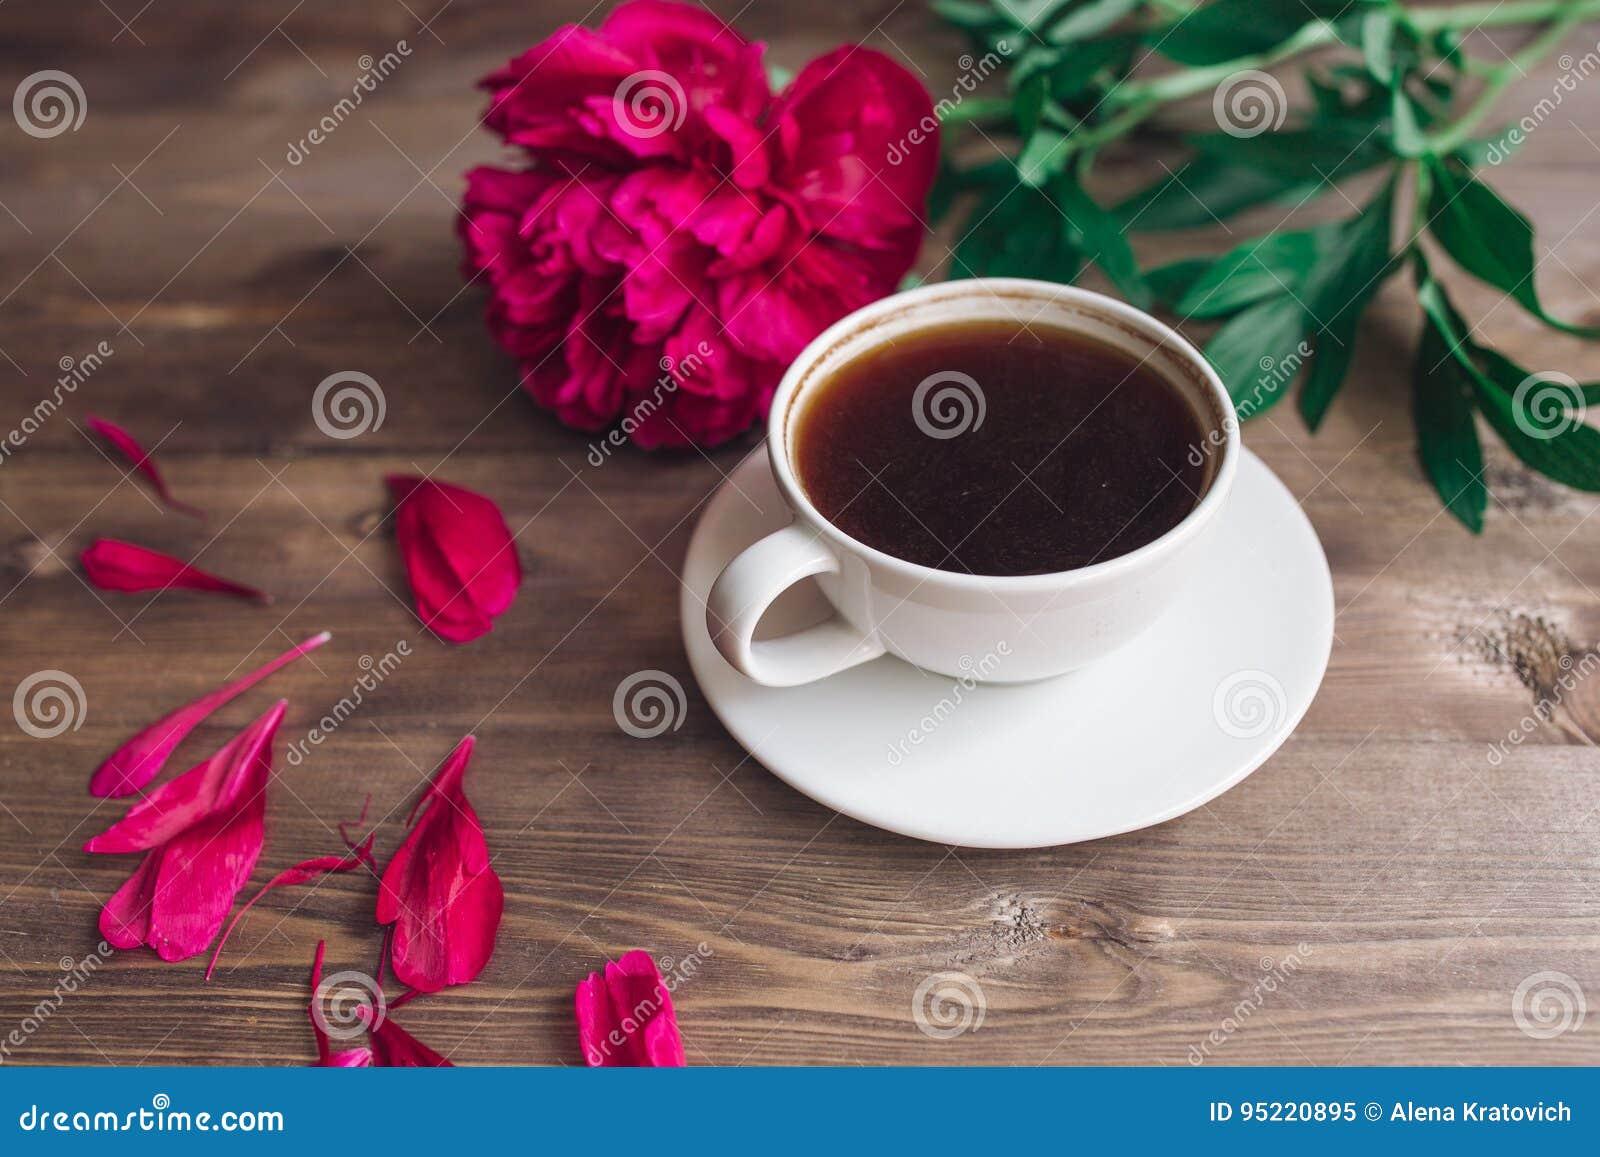 Guten Morgen Stockbild Bild Von Frisch Floral Pfingstrose